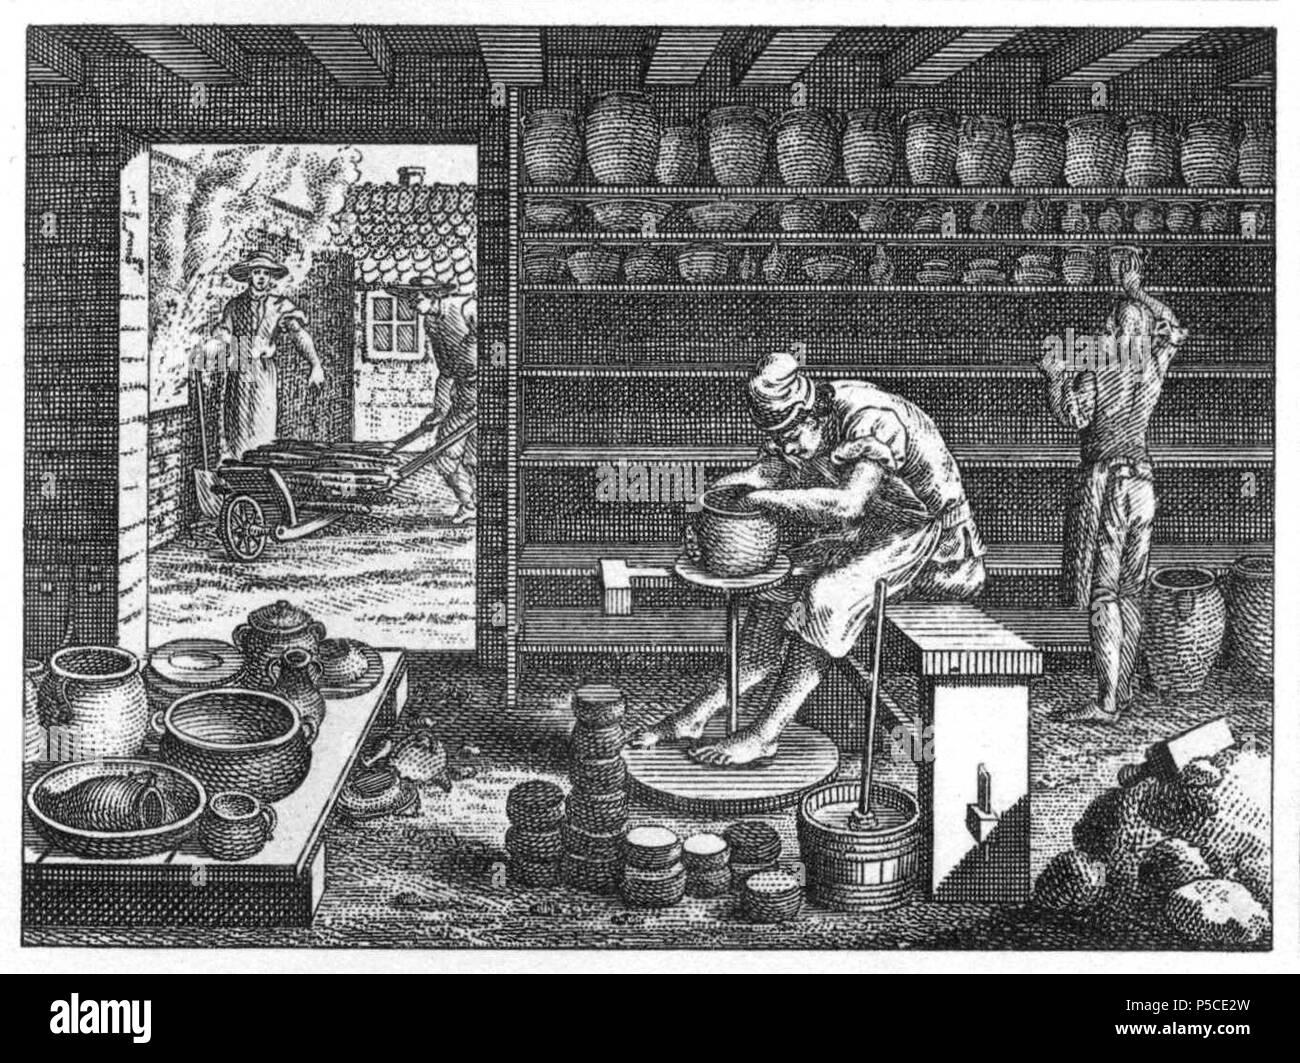 N/A. Tab. LV. Handwerke und Künste. c) Der Töpfer auf seiner Drehscheibe. Fertige Gefäße; Teller, Schüsseln, Töpfe usw. Der Handlanger. In der Ferne der Brennofen, Dachziegel usw. (Beschreibung lt. Quelle) . 1774.   Daniel Chodowiecki (1726–1801)   Alternative names Daniel Nikolaus Chodowiecki  Description German-Polish painter and printmaker  Date of birth/death 16 October 1726 7 February 1801  Location of birth/death Gdask Berlin  Work location Berlin  Authority control  : Q696720 VIAF:59092320 ISNI:0000 0001 2134 8231 ULAN:500014861 LCCN:n50038187 NLA:36058735 WorldCat 340 Chodowiecki Ba Stock Photo